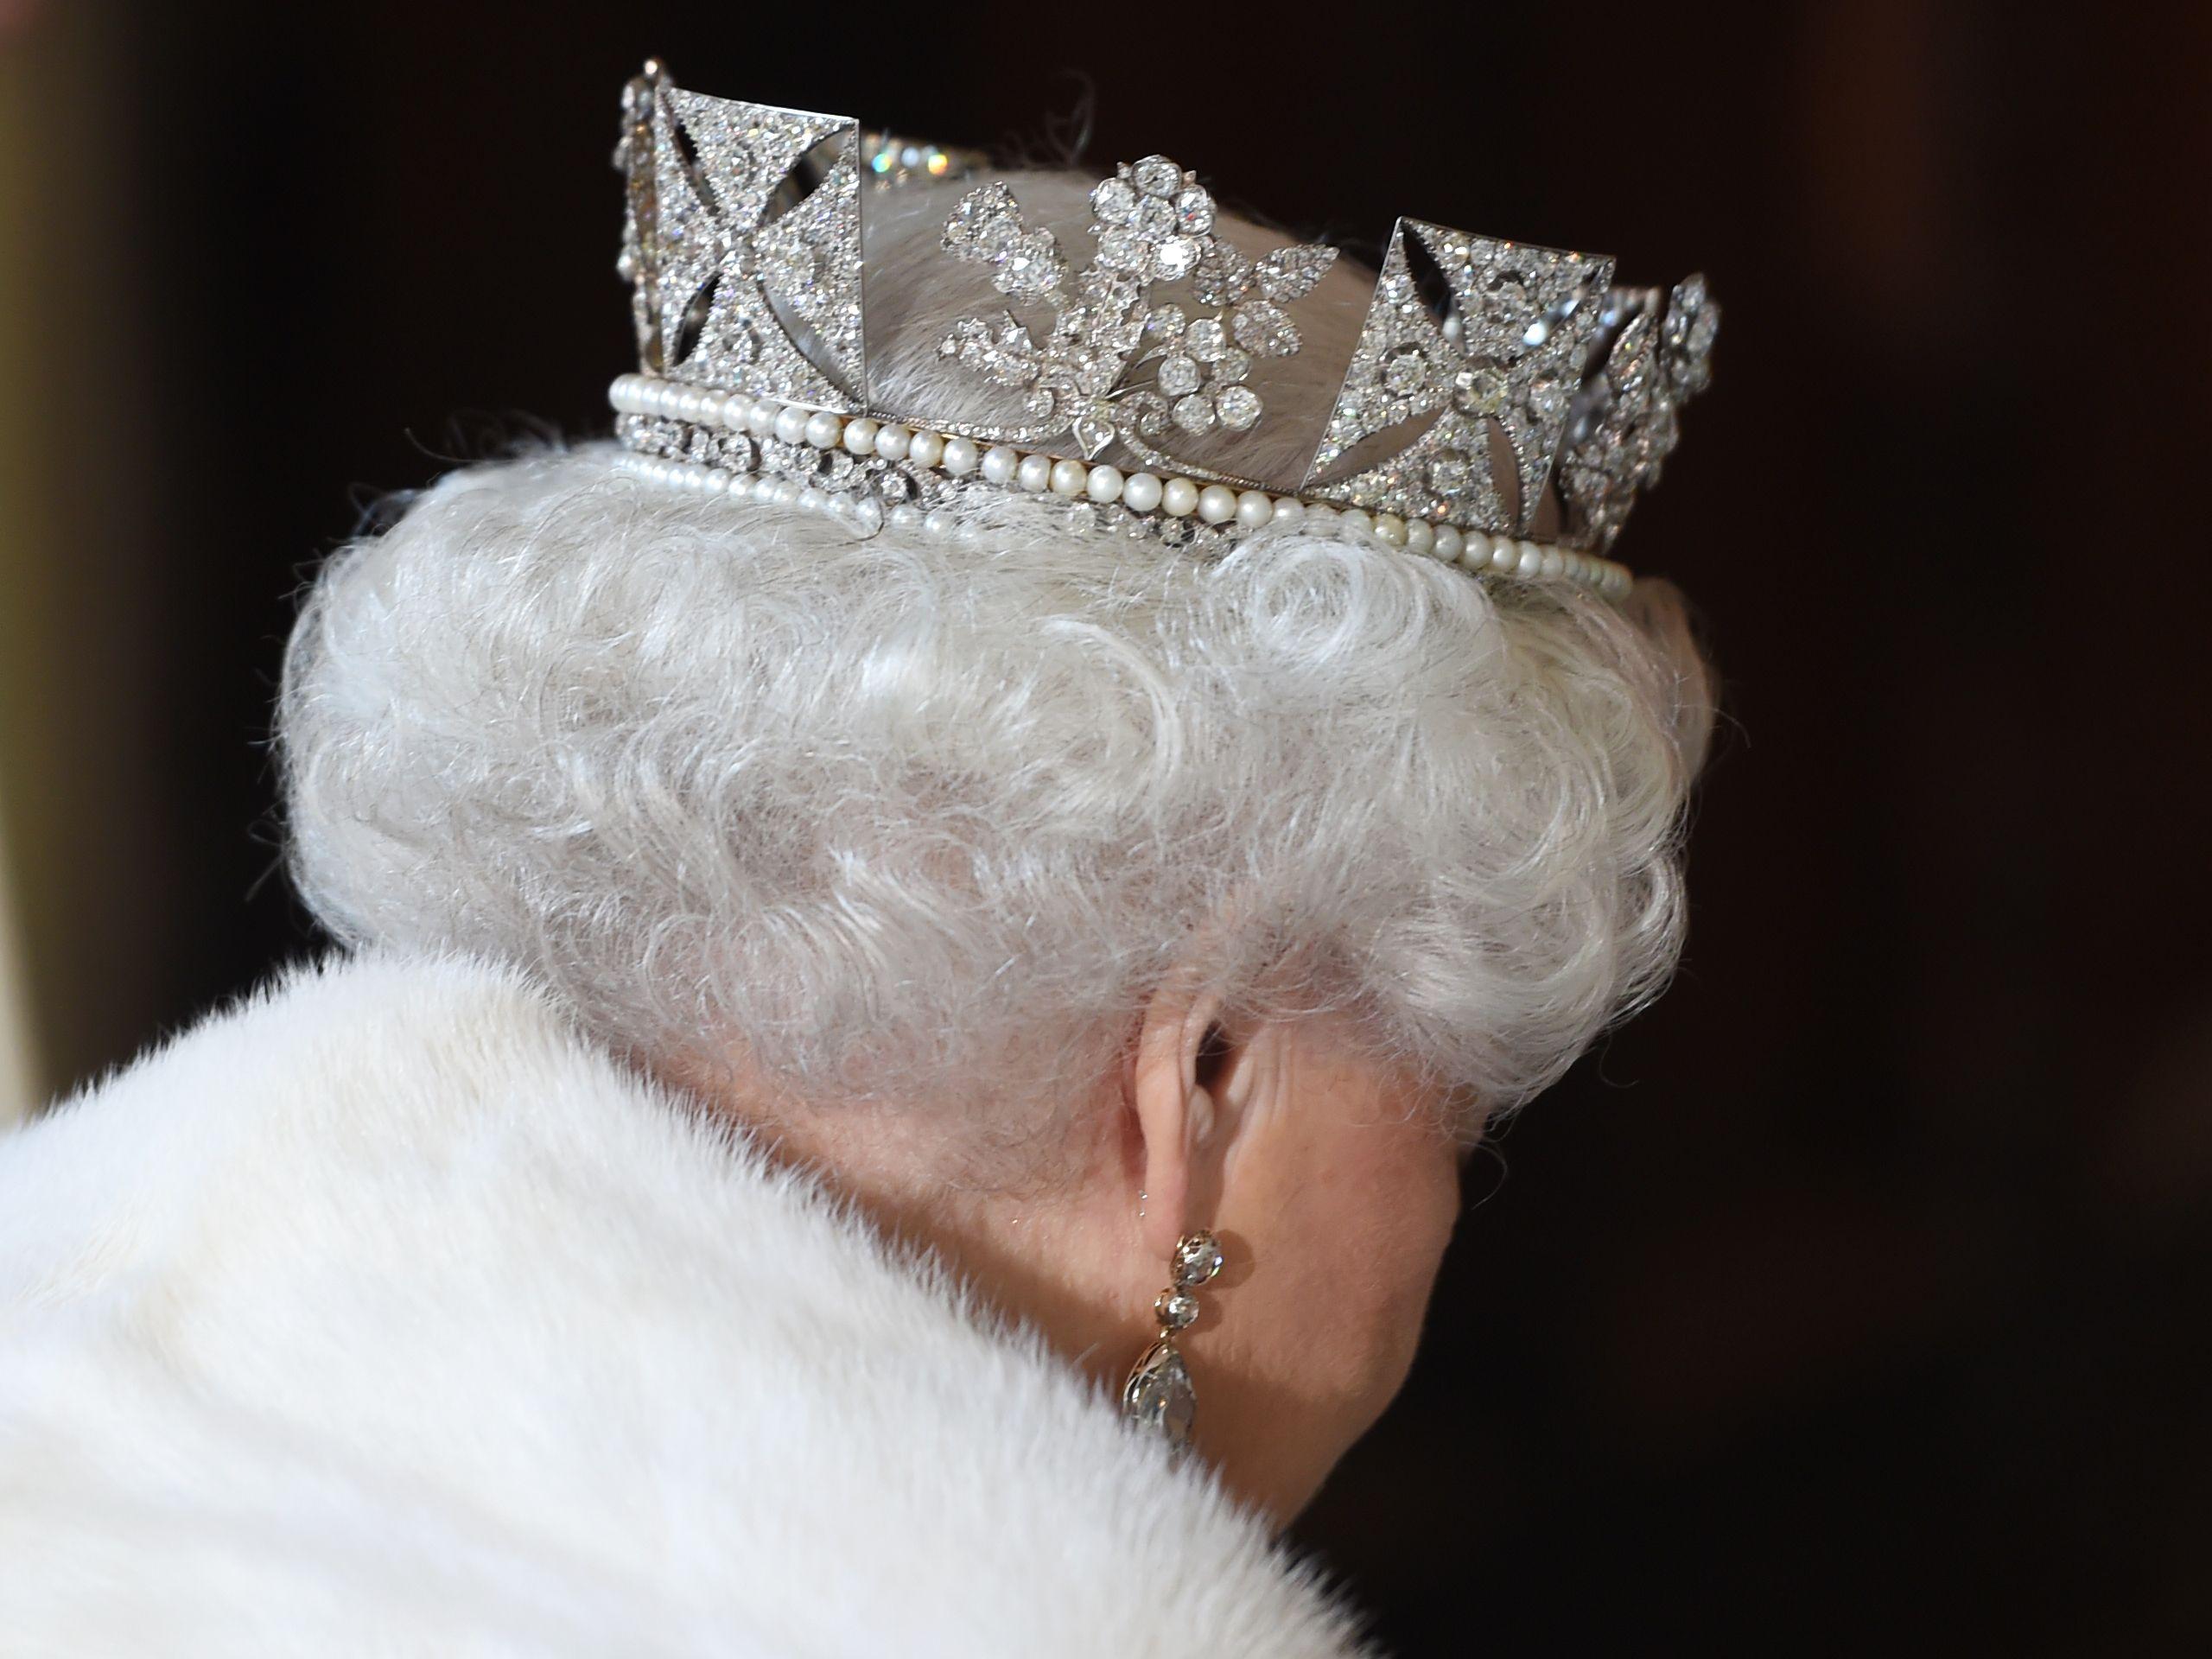 Elisabeth II superstar télé : la bande-annonce pour The Crown la nouvelle série de Netflix à 130 millions de dollars promet un torrent de secrets royaux